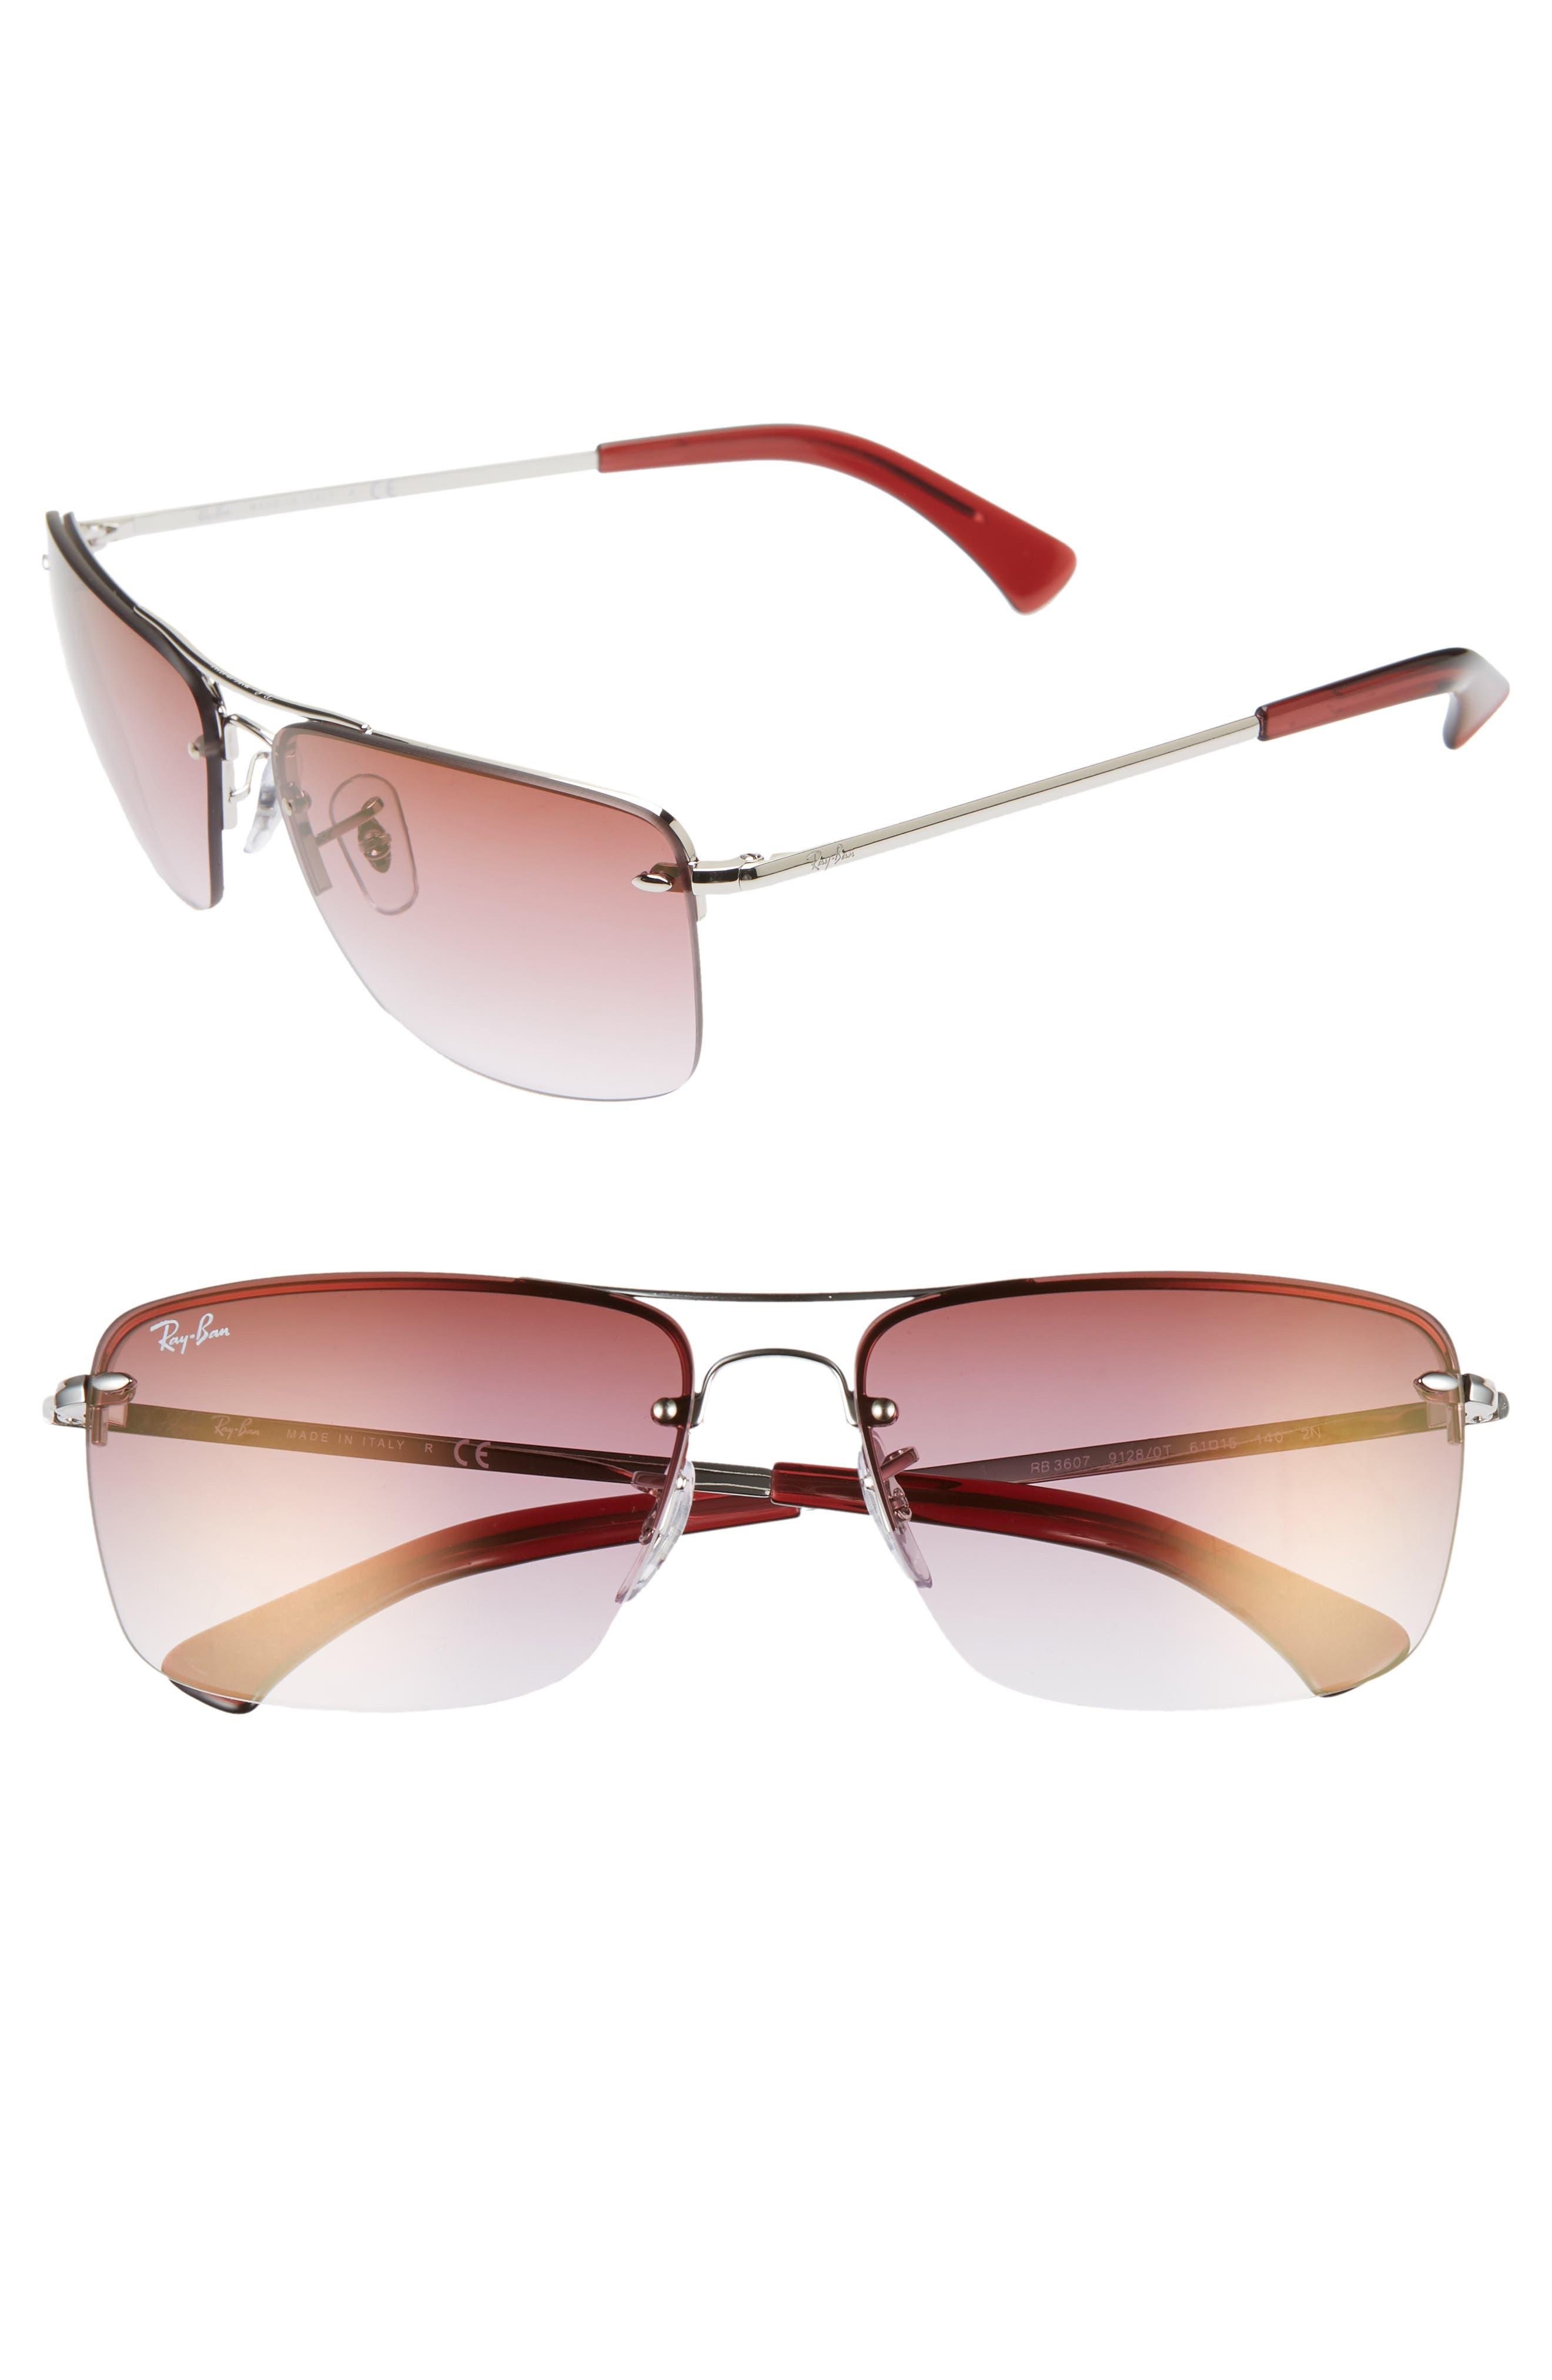 61mm Rimless Navigator Sunglasses,                             Main thumbnail 1, color,                             SILVER/ BORDEAUX GRADIENT